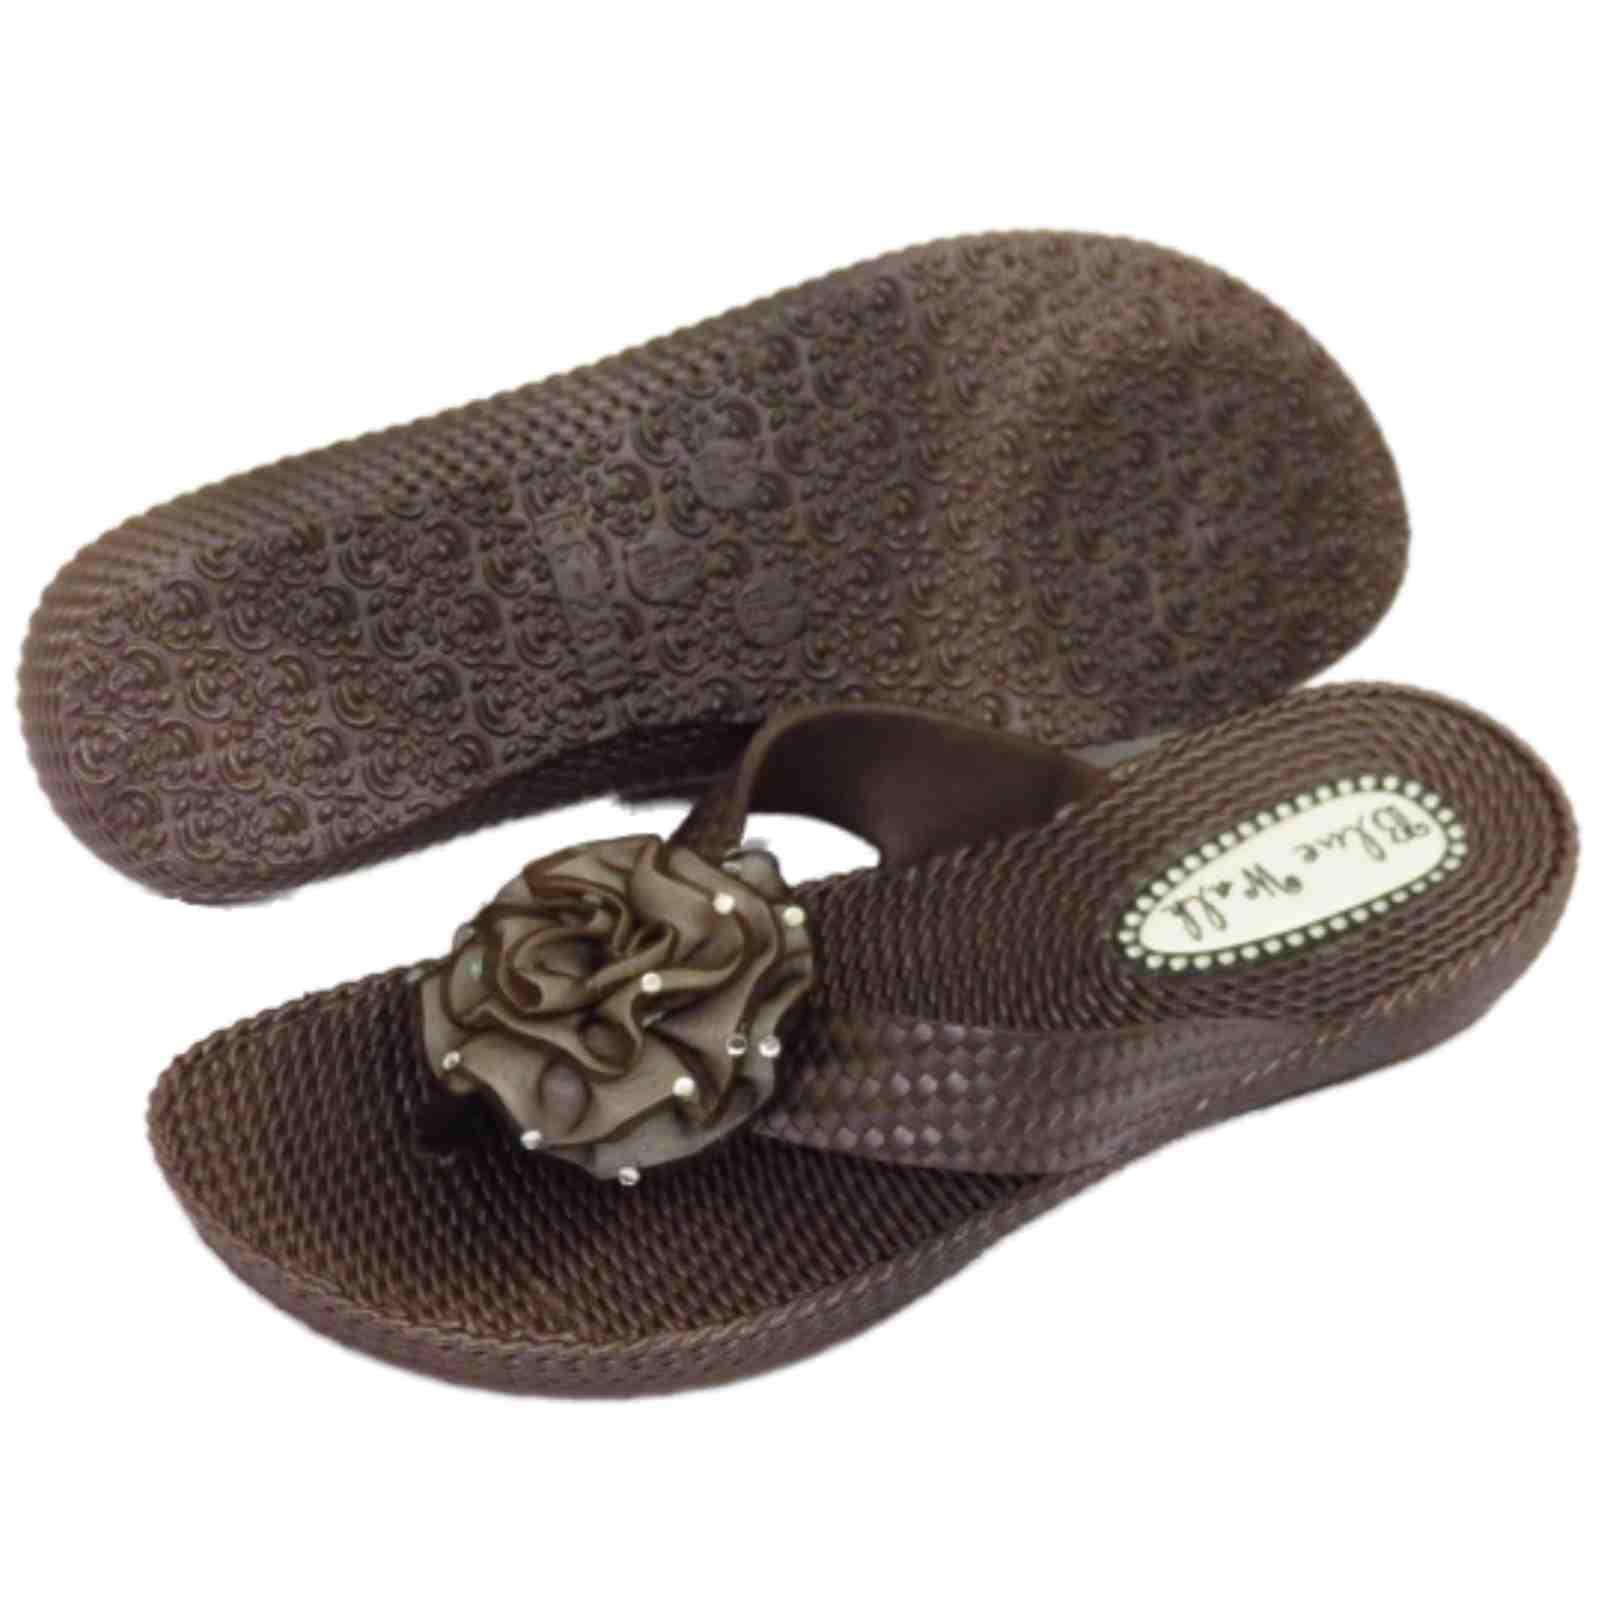 Señoras Marrón del Dedo del Pie-Post Plana Sandalias Flip-flop playa Flor Cuña Zapatos 3-8